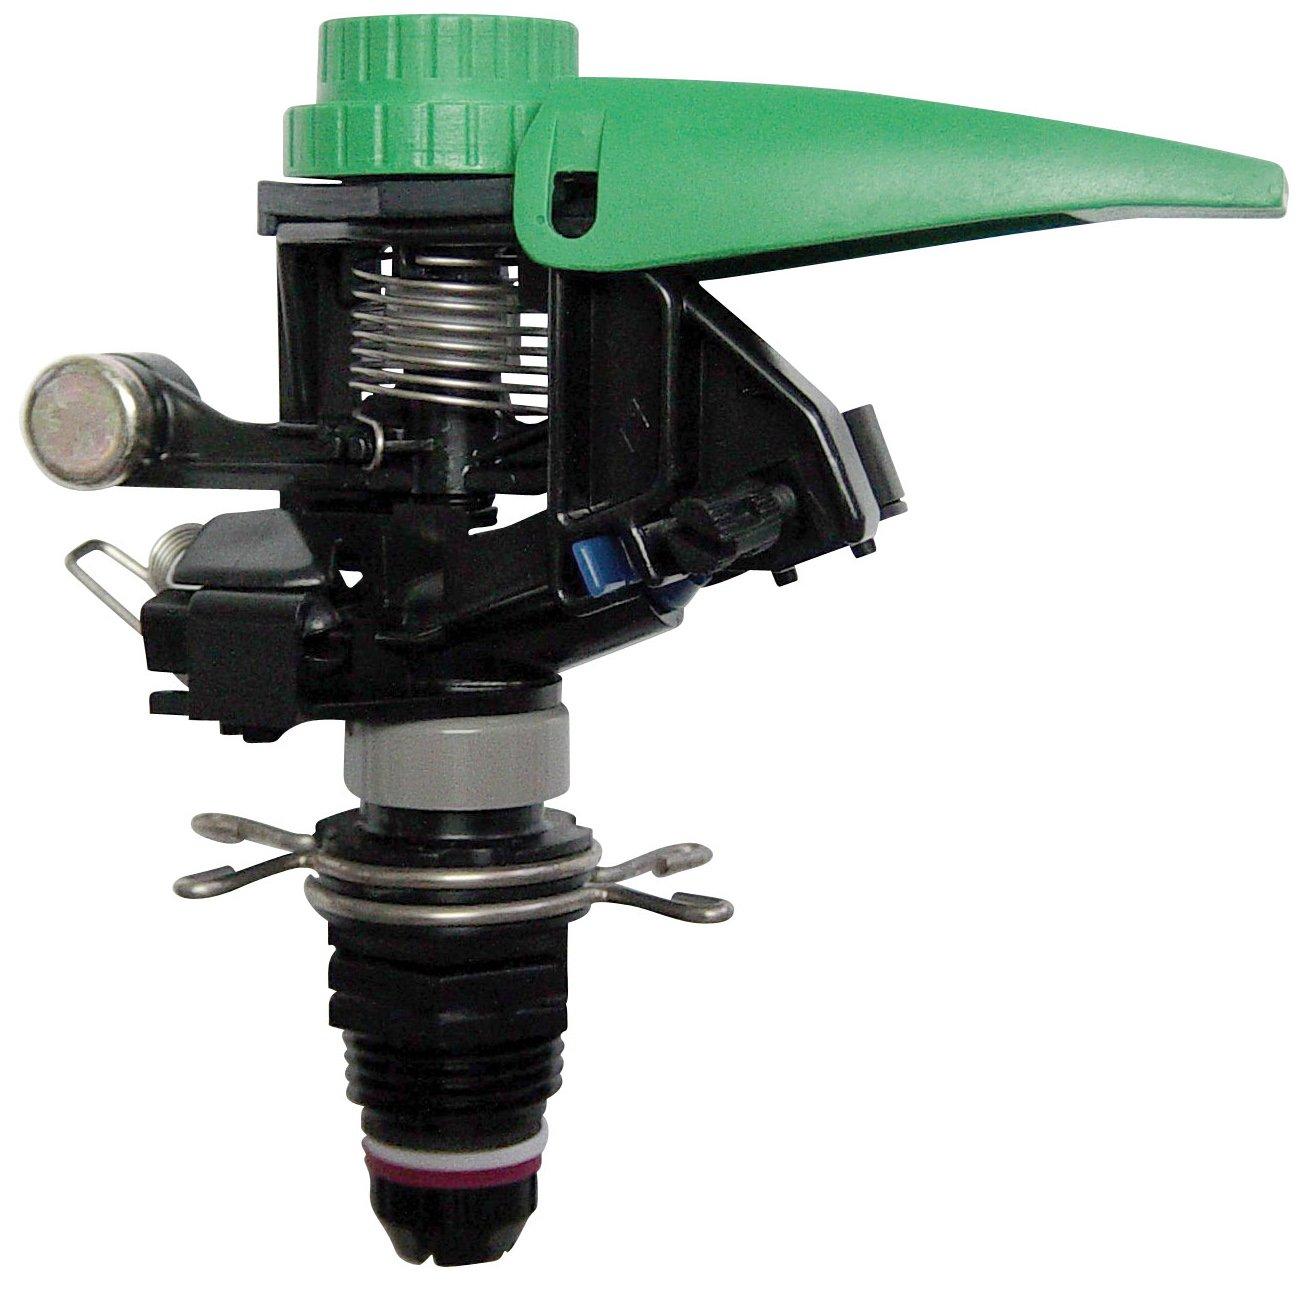 Rain Bird P5R Sprinkler Adjustable